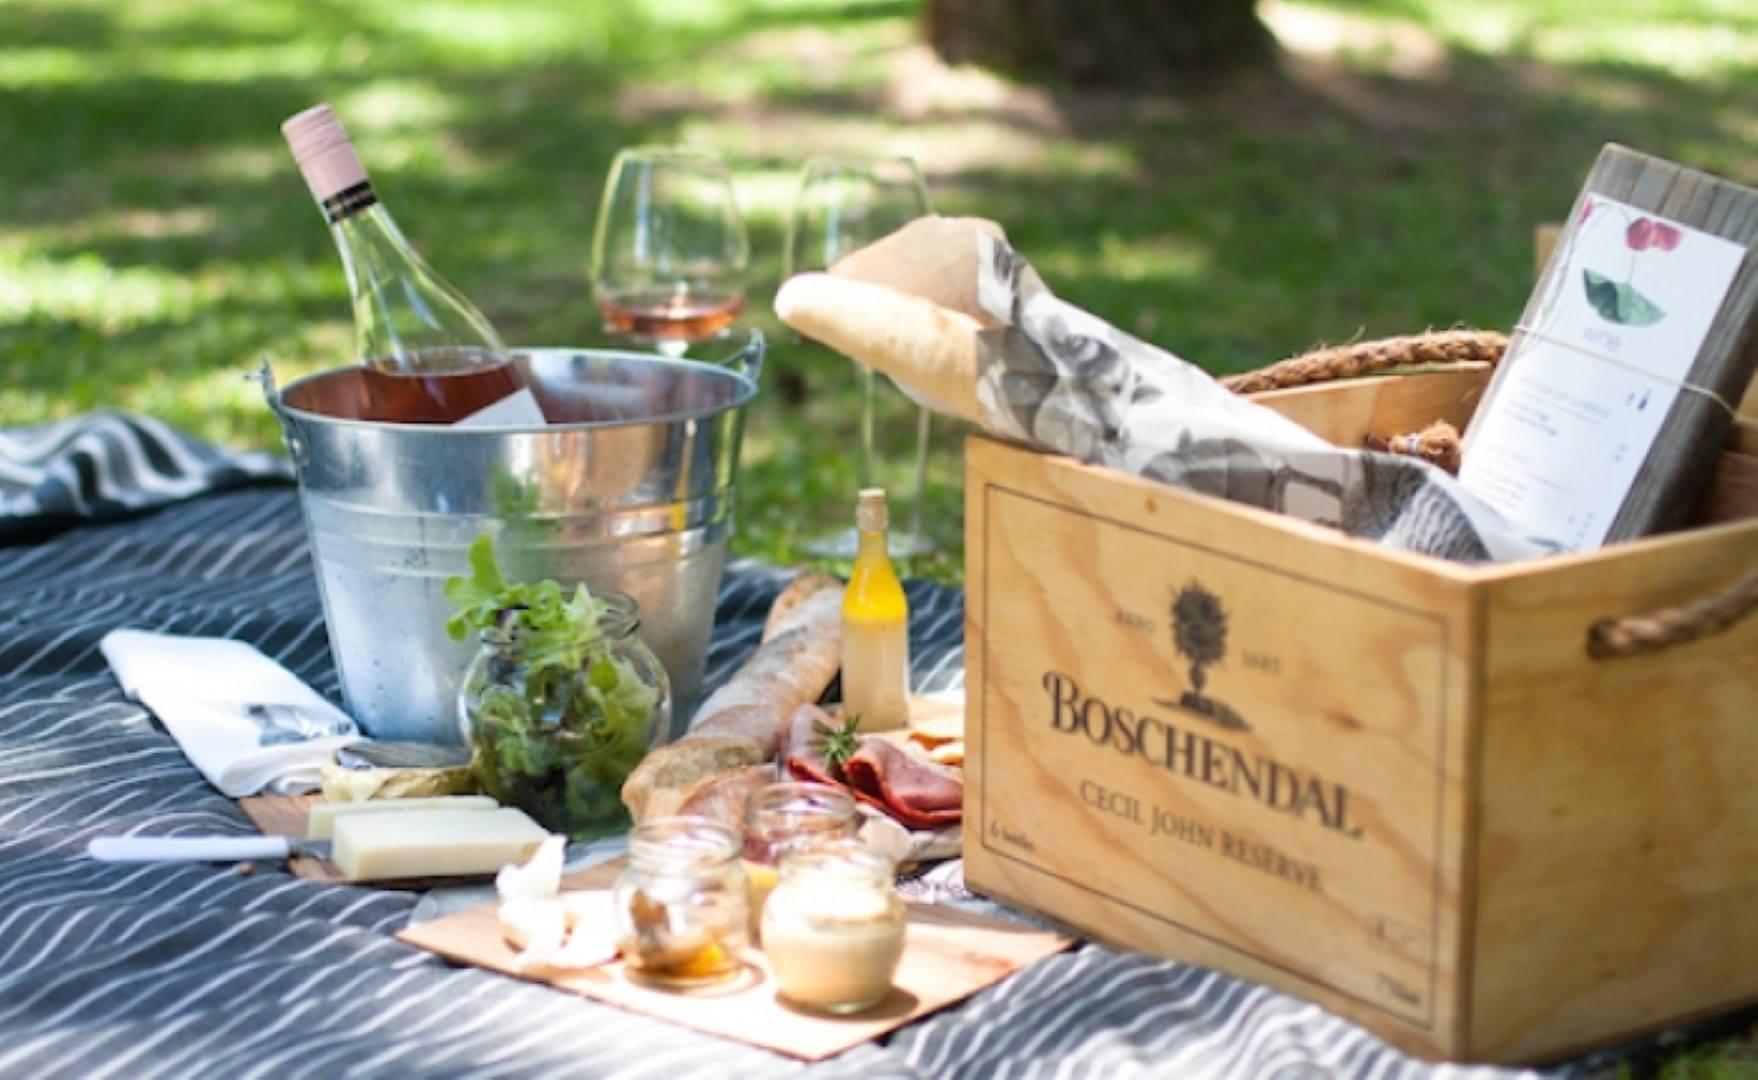 La Route des vins en Afrique du Sud | Boschendal à Franschhoek